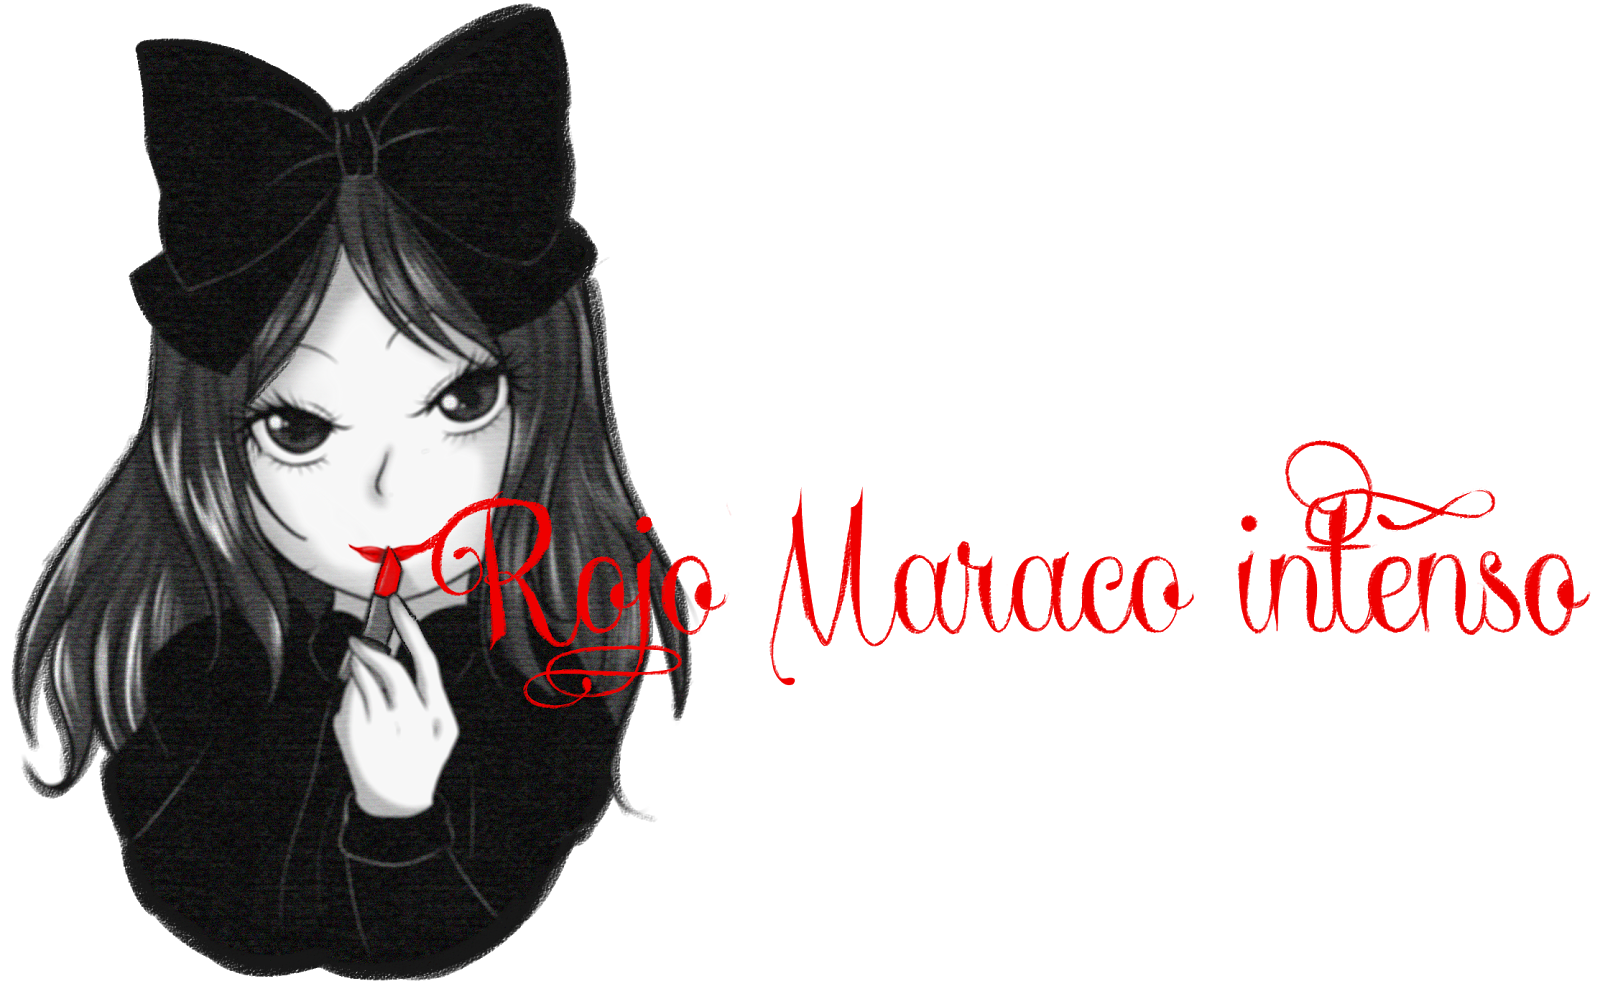 Rojo Maraco Intenso